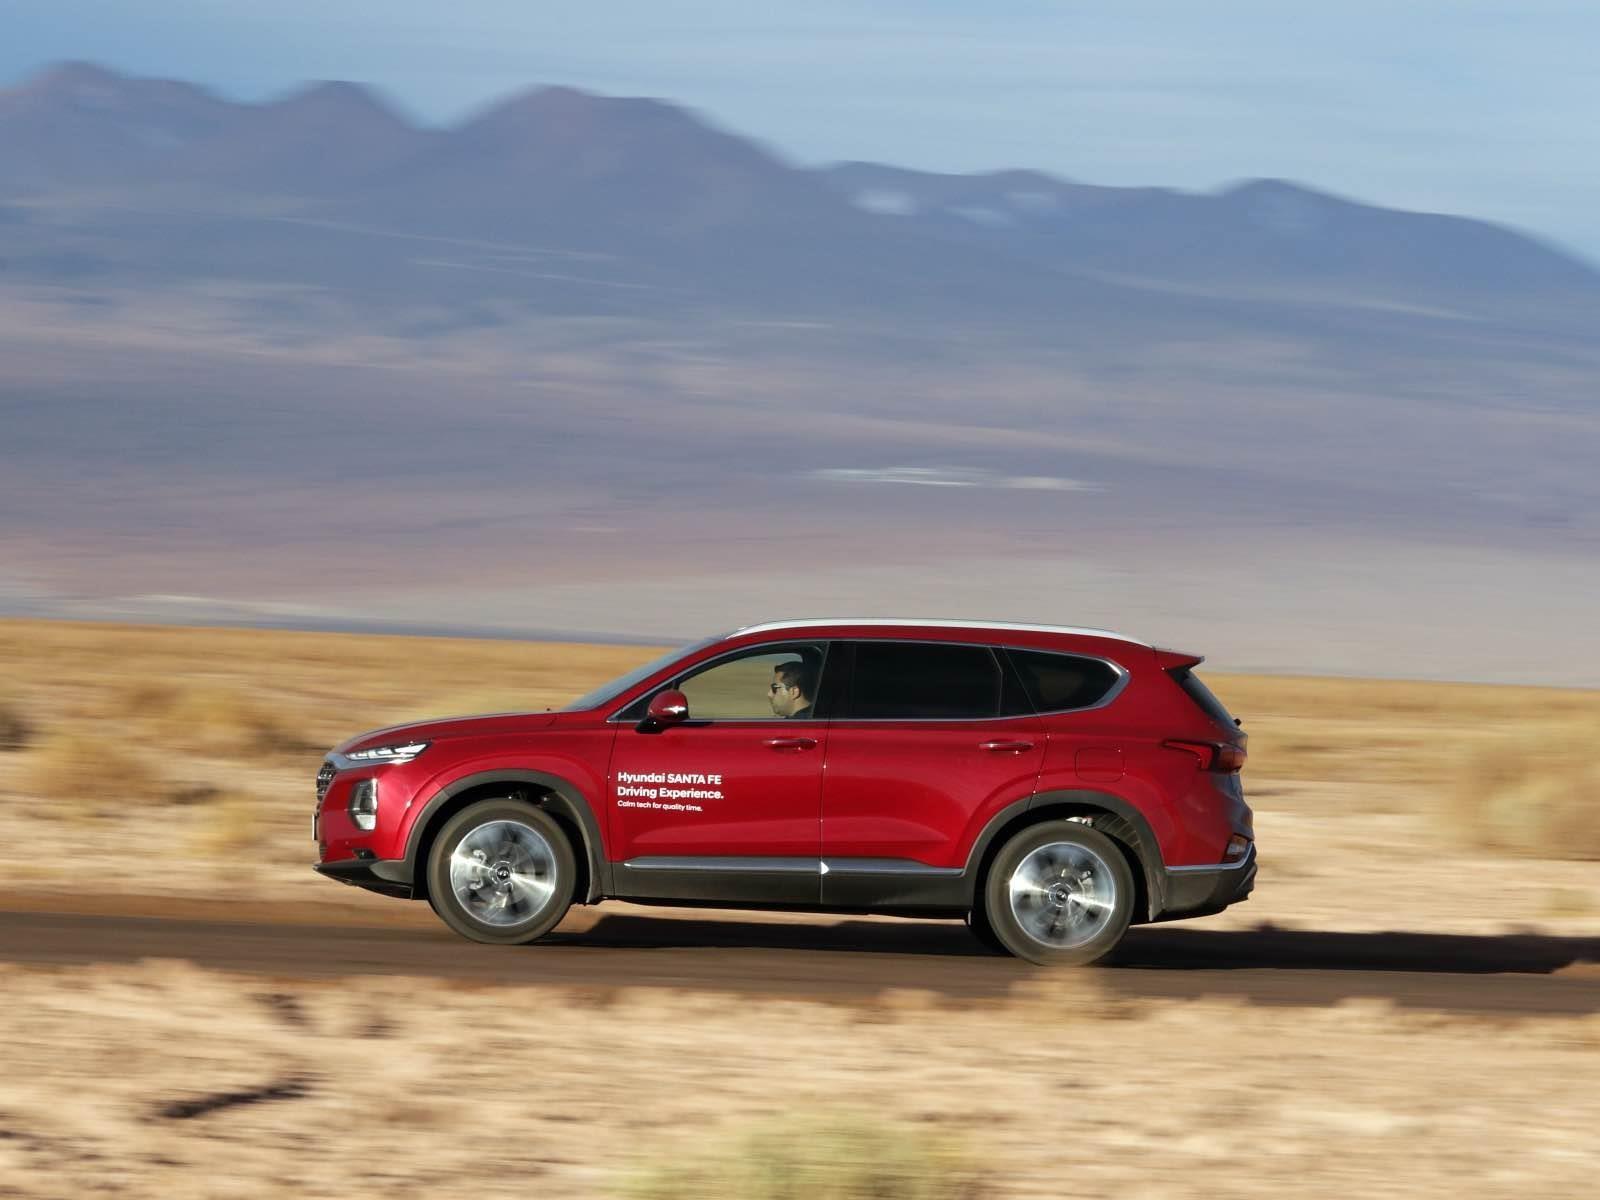 Primer Contacto Con La Hyundai Santa Fe 2019 Autocosmos Com